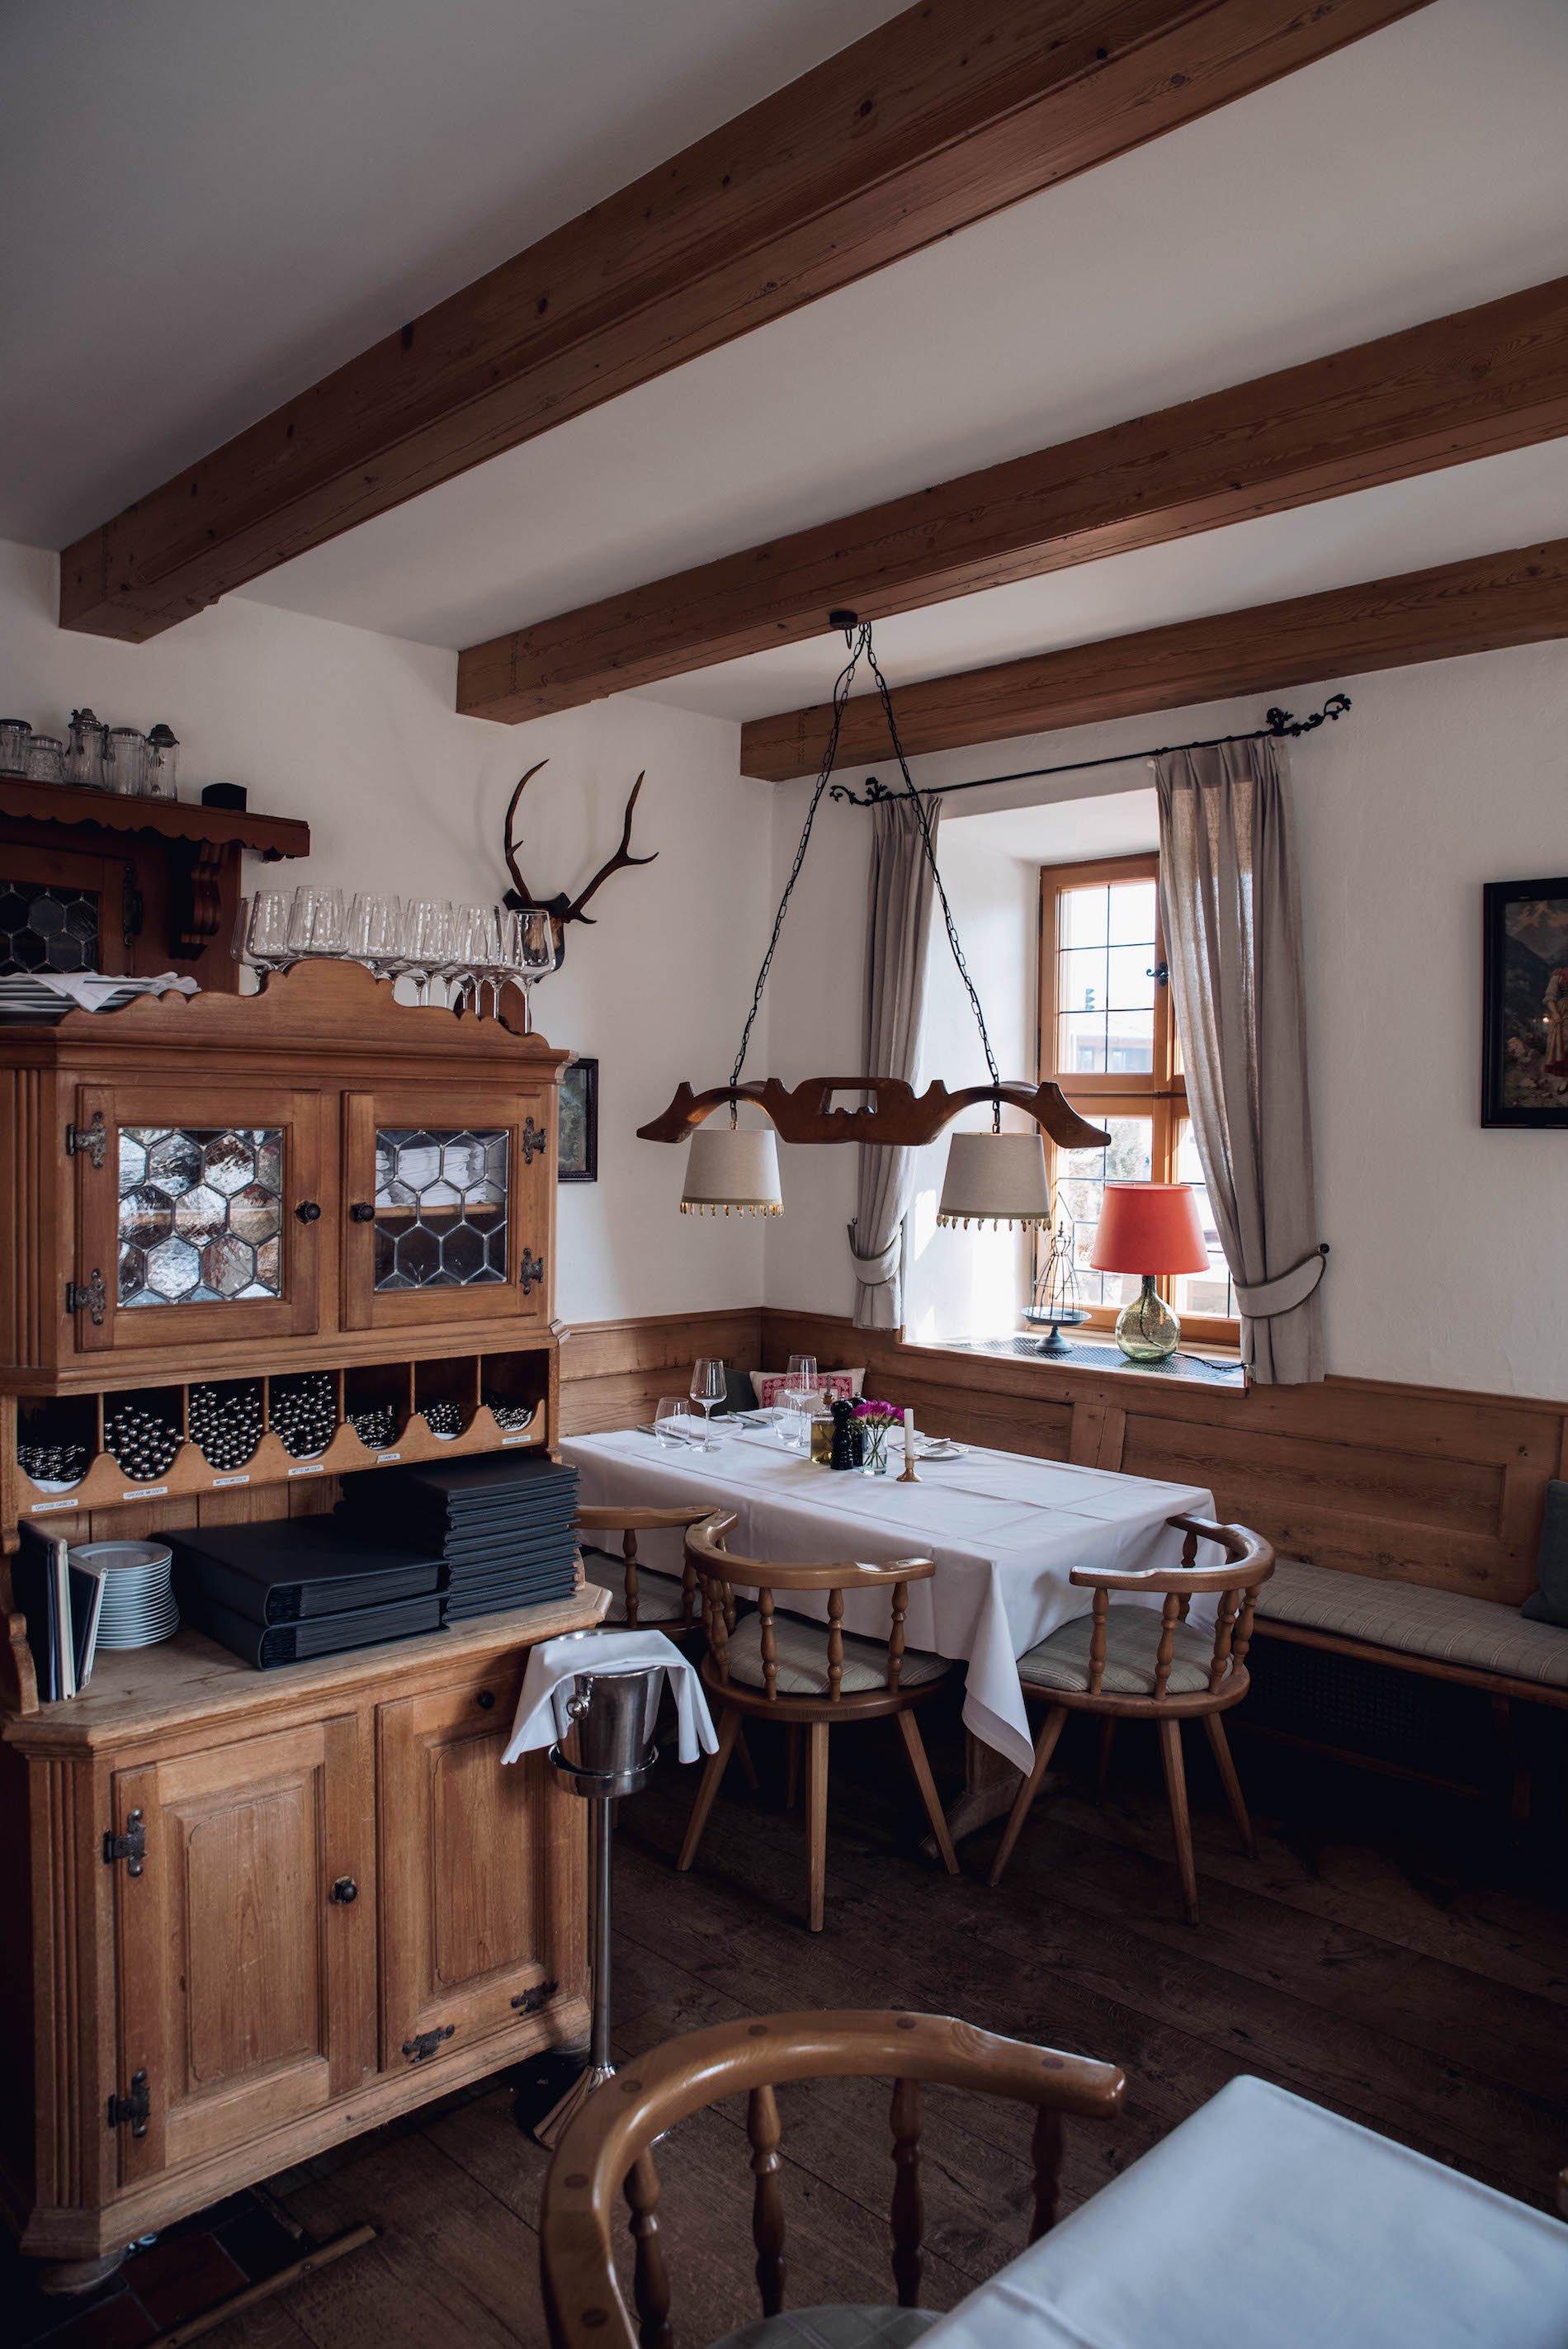 Wellnesshotel am Tegernsee Bachmair Weissach Restaurant